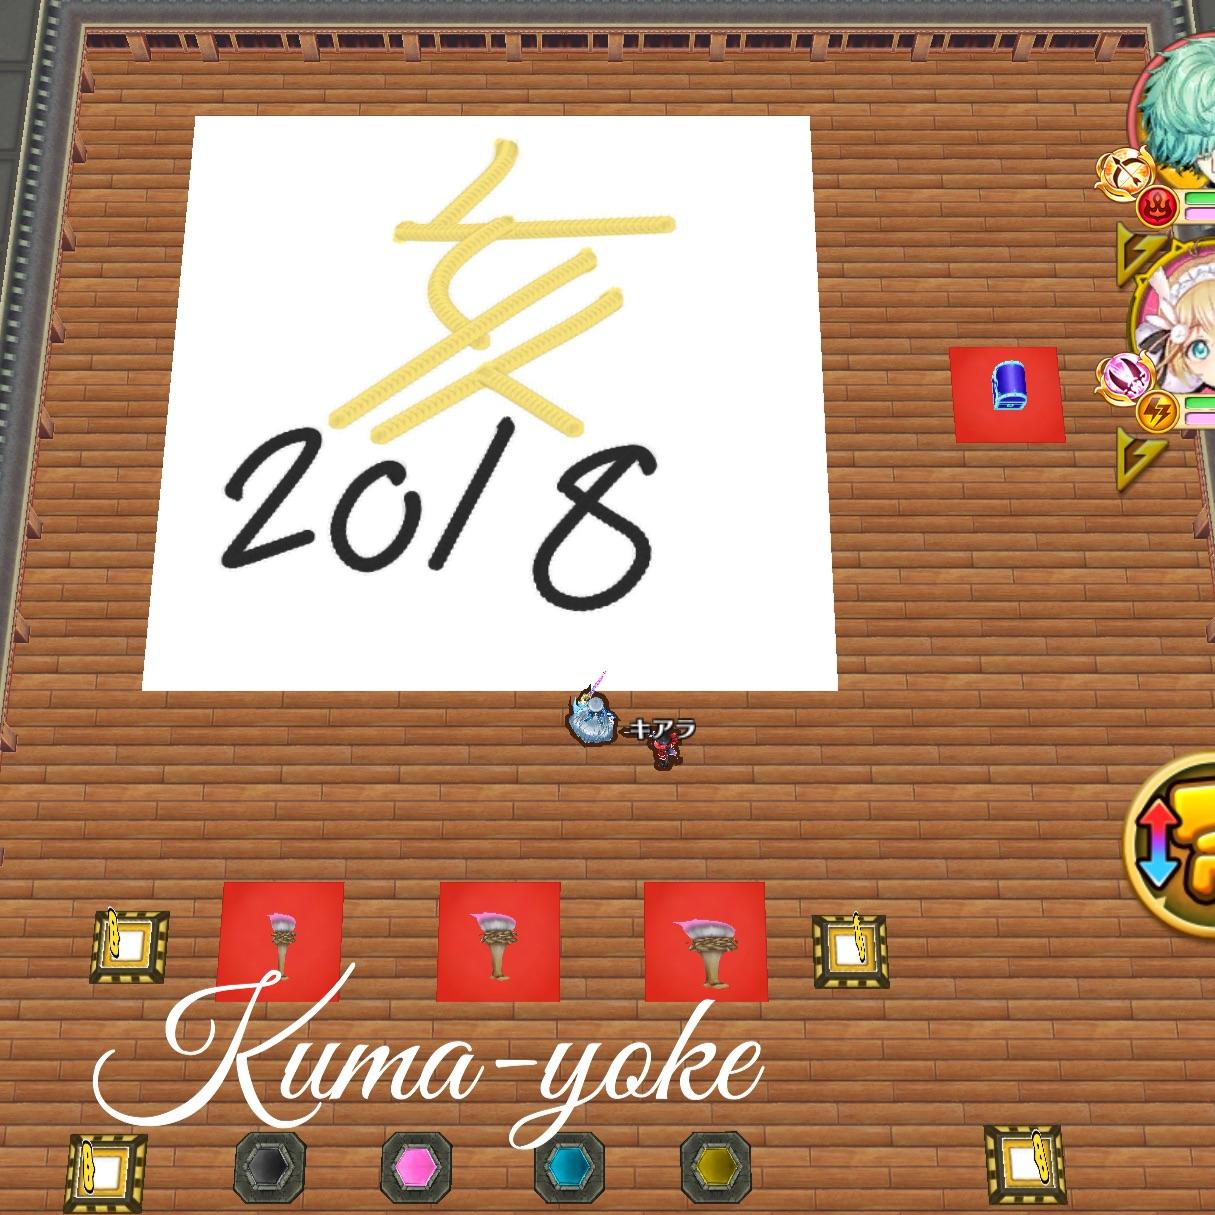 f:id:kuma-yome:20190102215145j:image